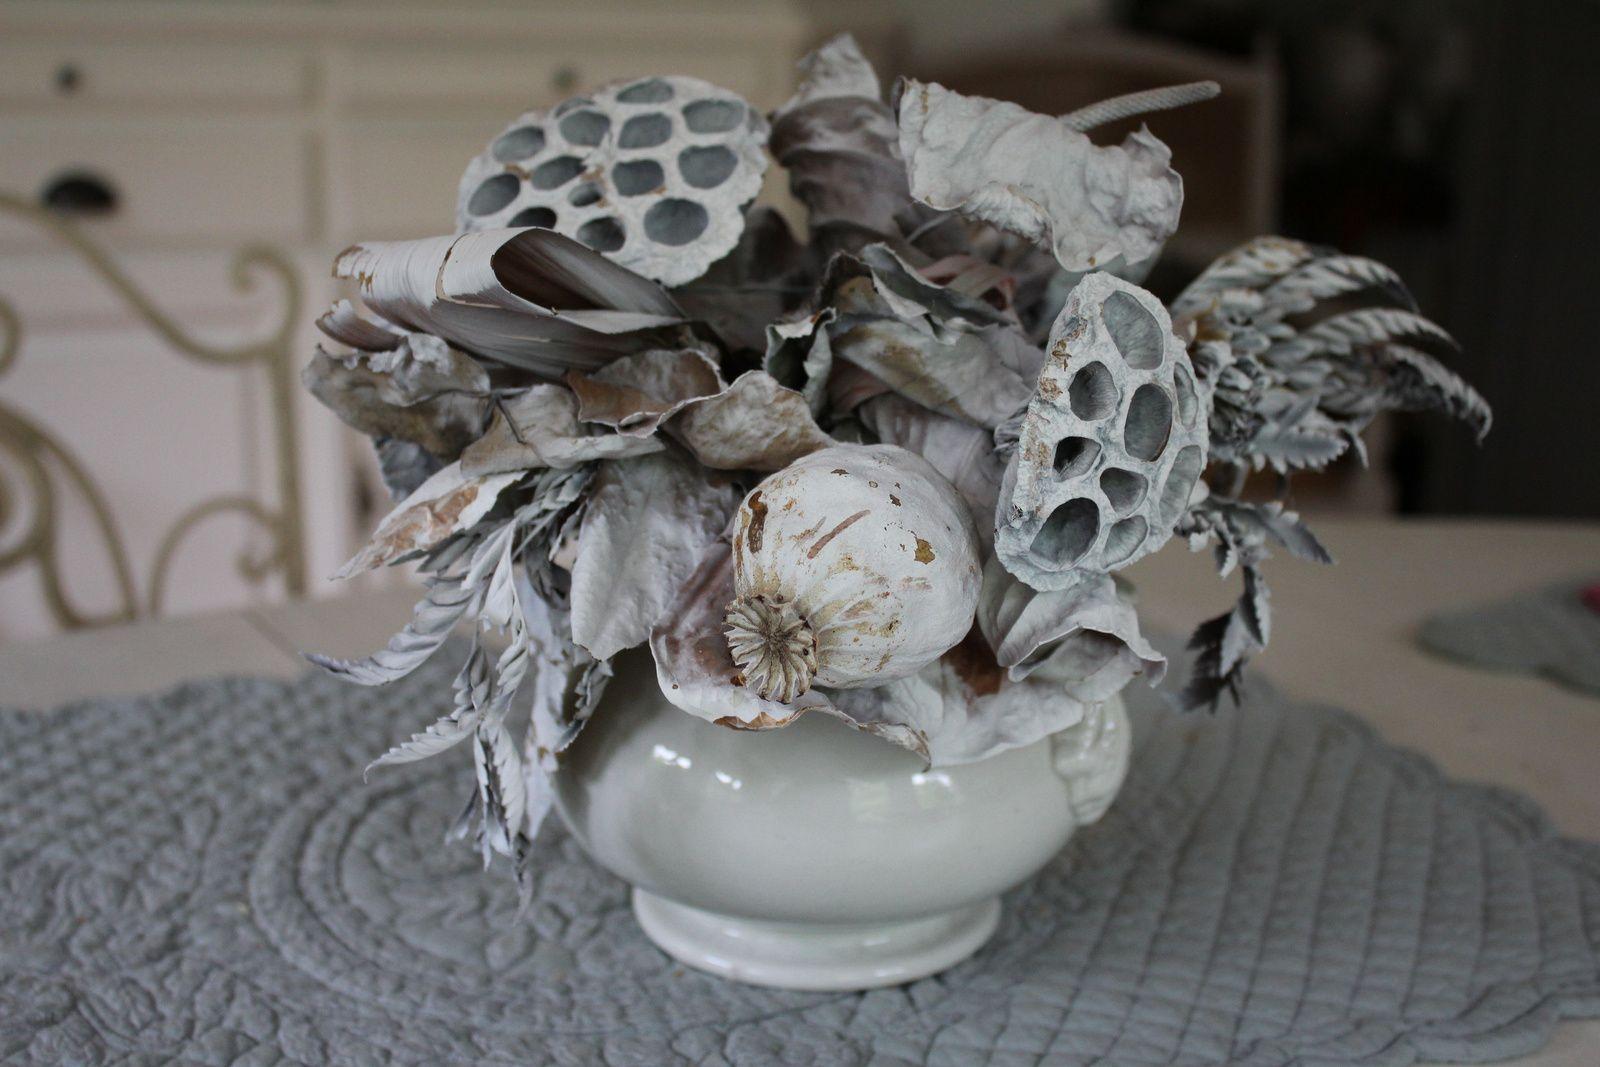 Laissez-moi vous offrir ces quelques fleurs... ou comment détourner théières et autres contenants pour accueillir roses du jardin, hellébores, hortensias séchés, pivoines et même des bouquets fanés...